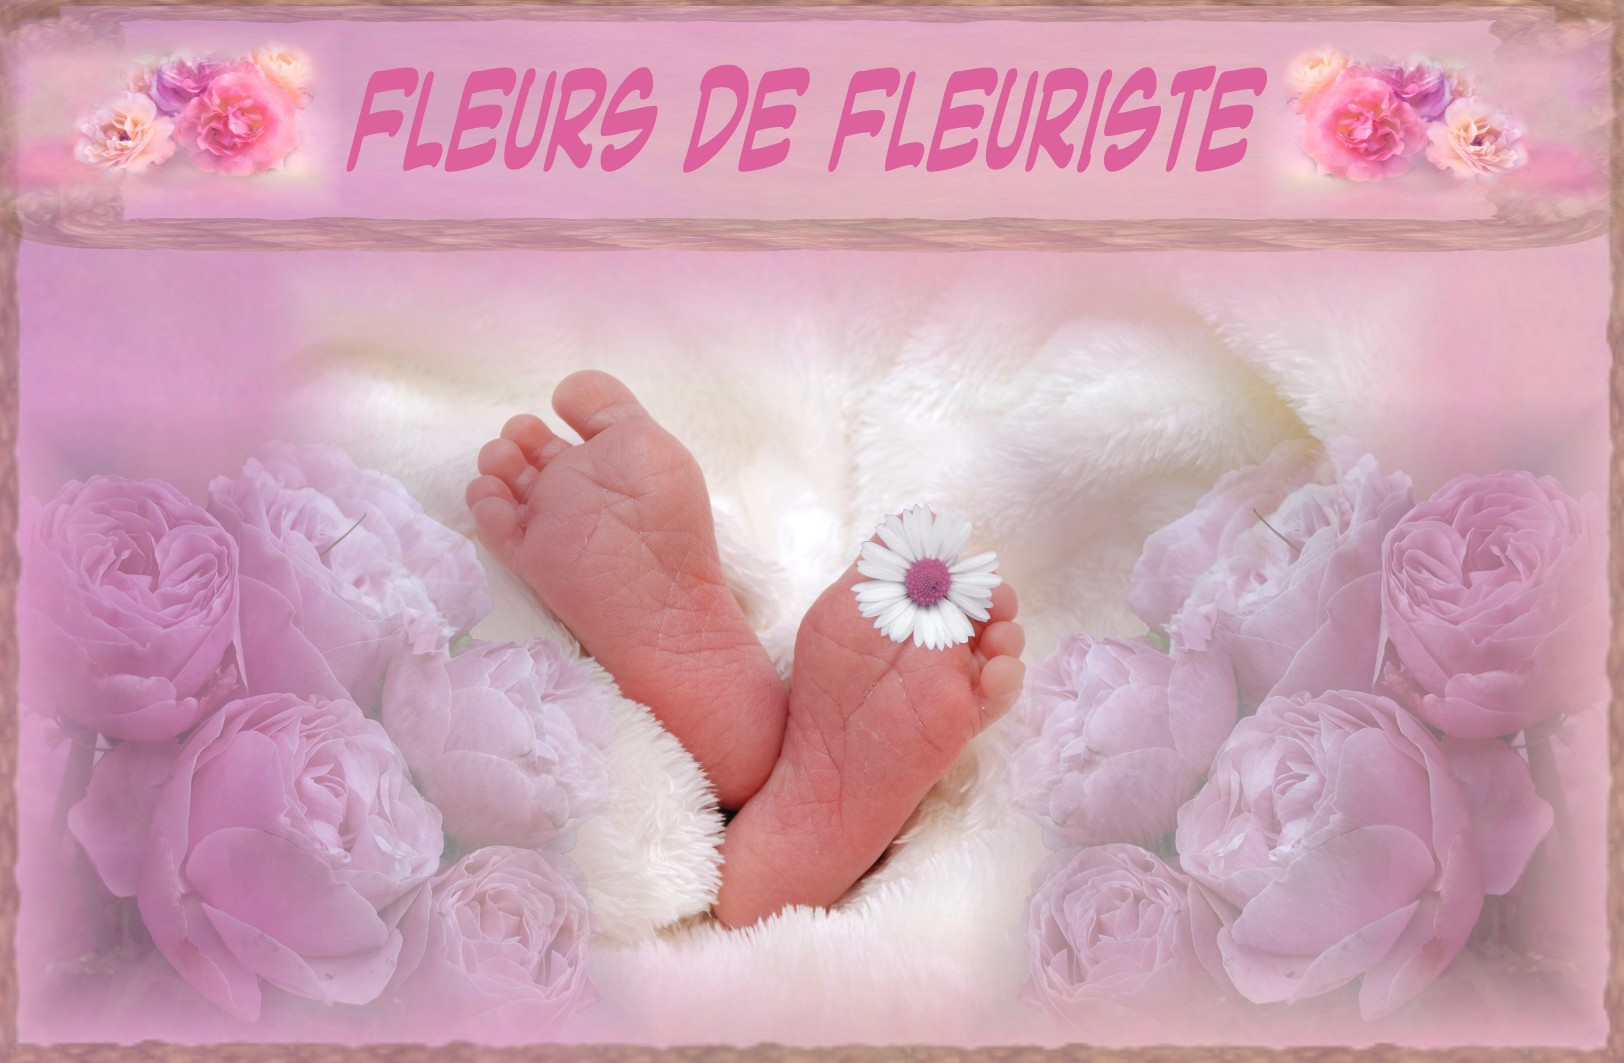 FLEURS POUR UNE NAISSANCE PAULHAN 34 - FLEURISTE PAULHAN 34 - ENVOYER FLEURS NAISSANCE PAULHAN 34 - ENVOI FLEURS NAISSANCE PAULHAN 34 - FLEURS BAPTEME PAULHAN 34 - livrer des fleurs pour une naissance, un baptême, une communion par un fleuriste de PAULHAN 34